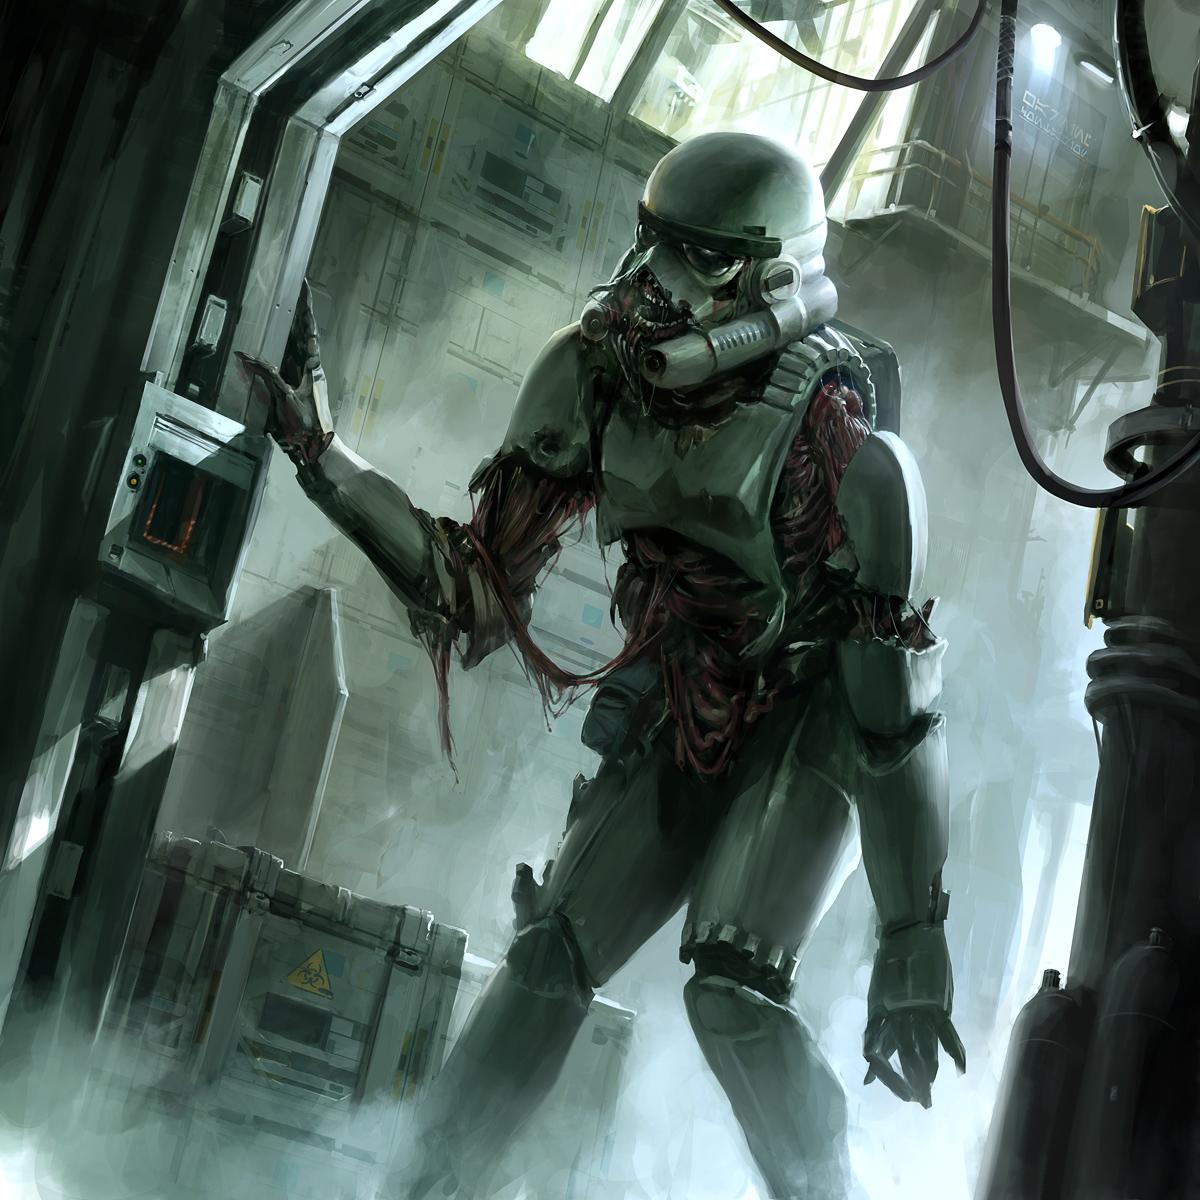 SWGTCG: Re-animated Stormtrooper by ukitakumuki